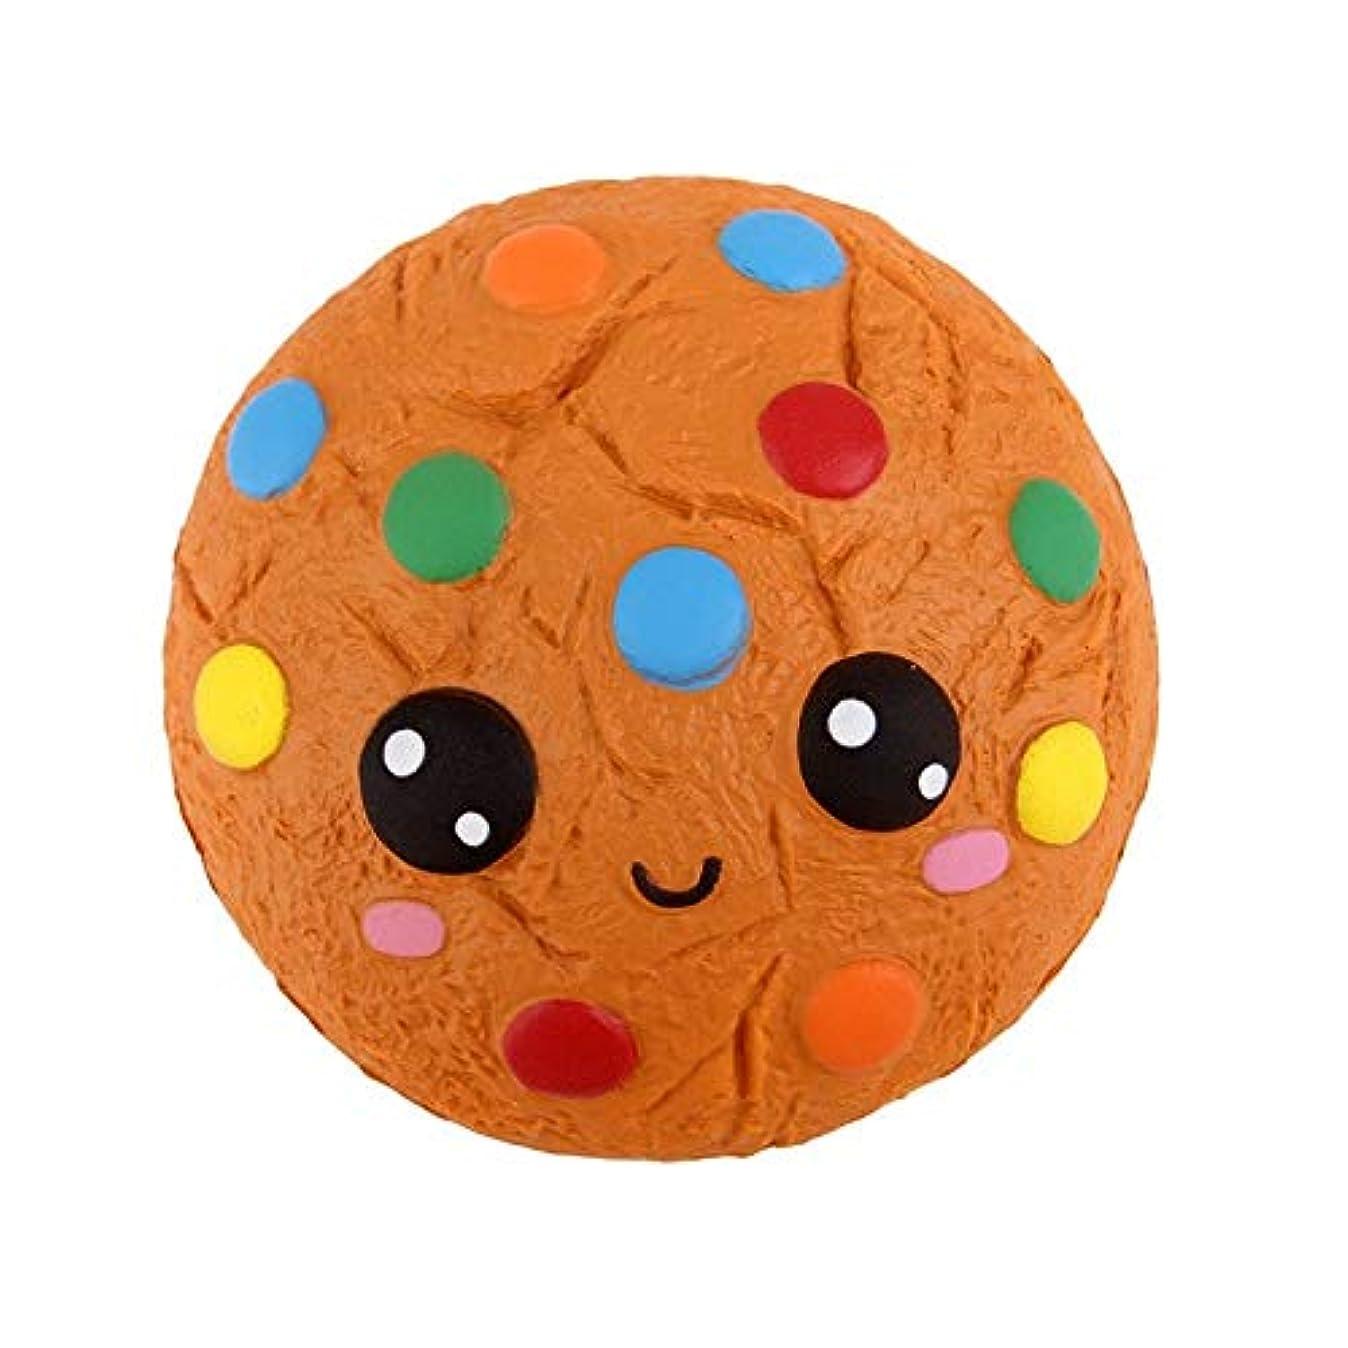 遅れ仕立て屋霊ジョークおもちゃ Squishies、ソフトシミュレーション食品おもちゃかわいいピザケーキコーンフワフワ、少年少女のためのギフトクリーミーアロマスローライジングスクイーズおもちゃ (Color : Colored Chocolate Bean Biscuits)